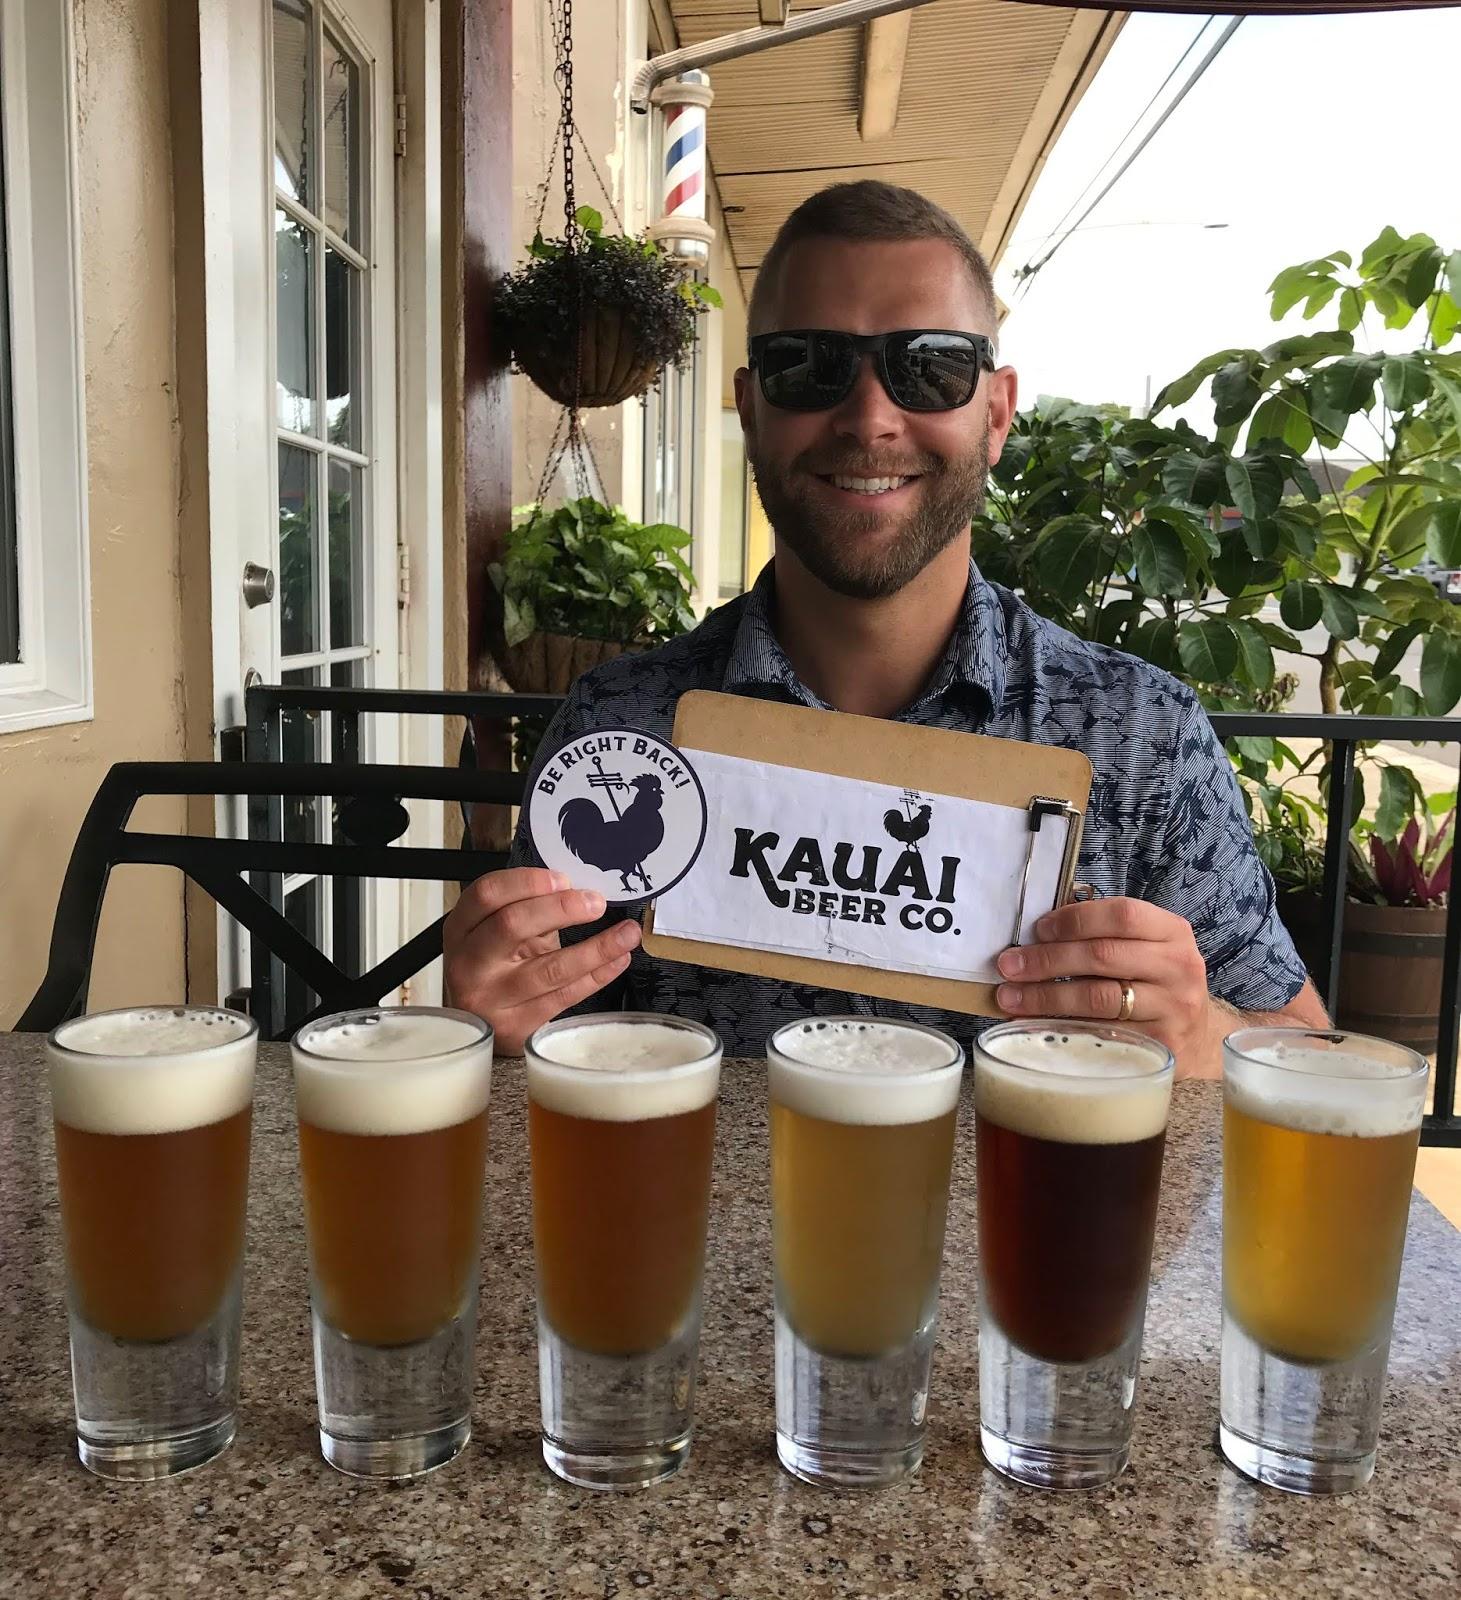 Kauai Beer Company | Breweries in Kauai | Itinerary for Kauai Trip | A Memory of Us